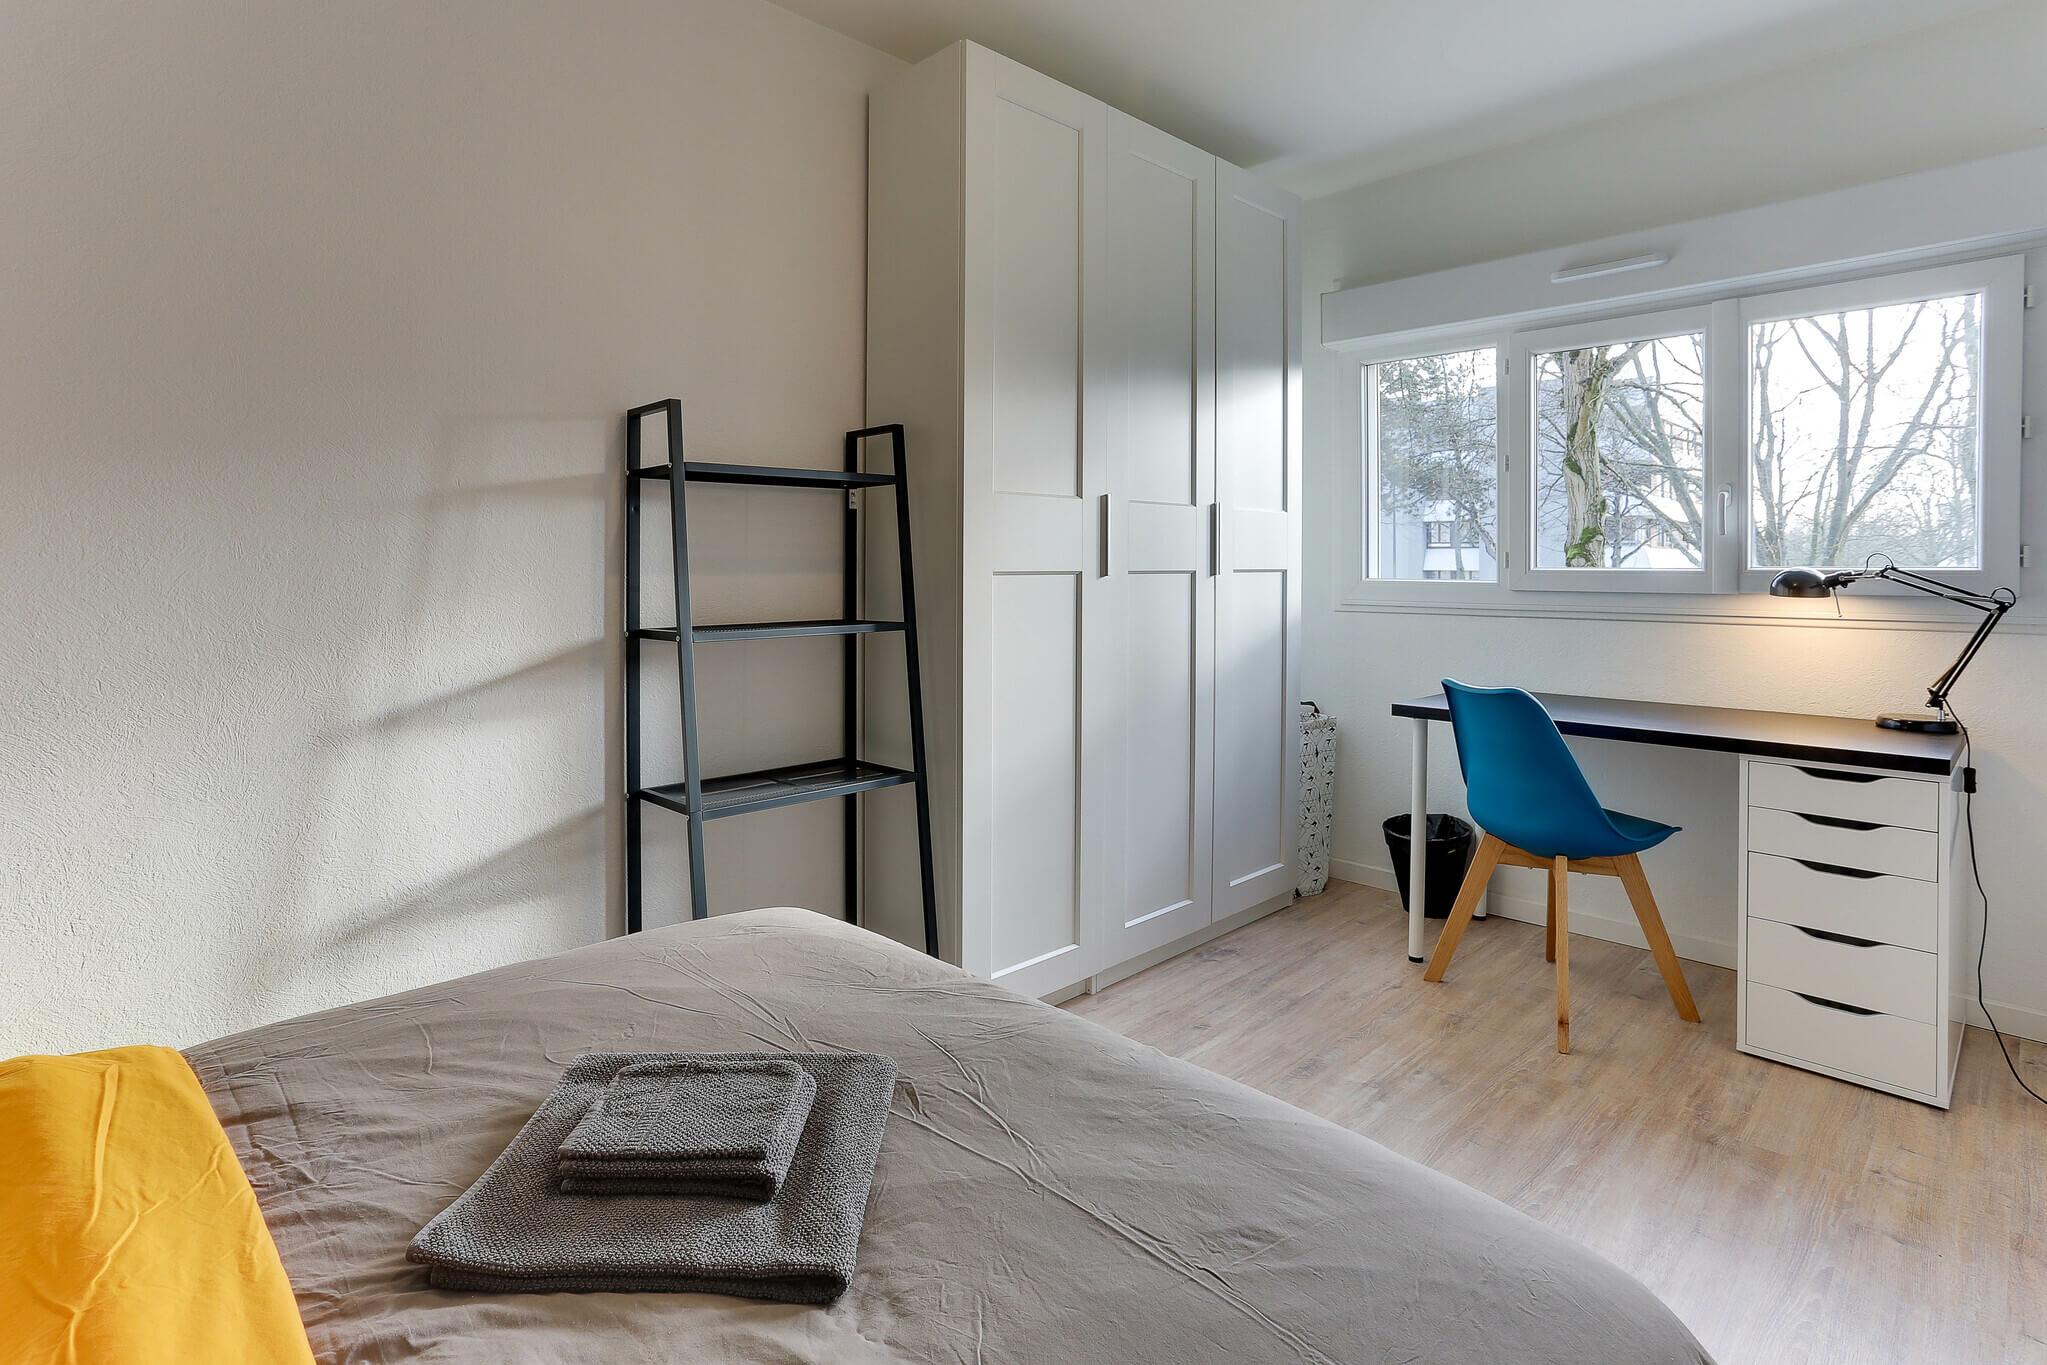 location-colocation-appartement-rennes-chambre-meublé